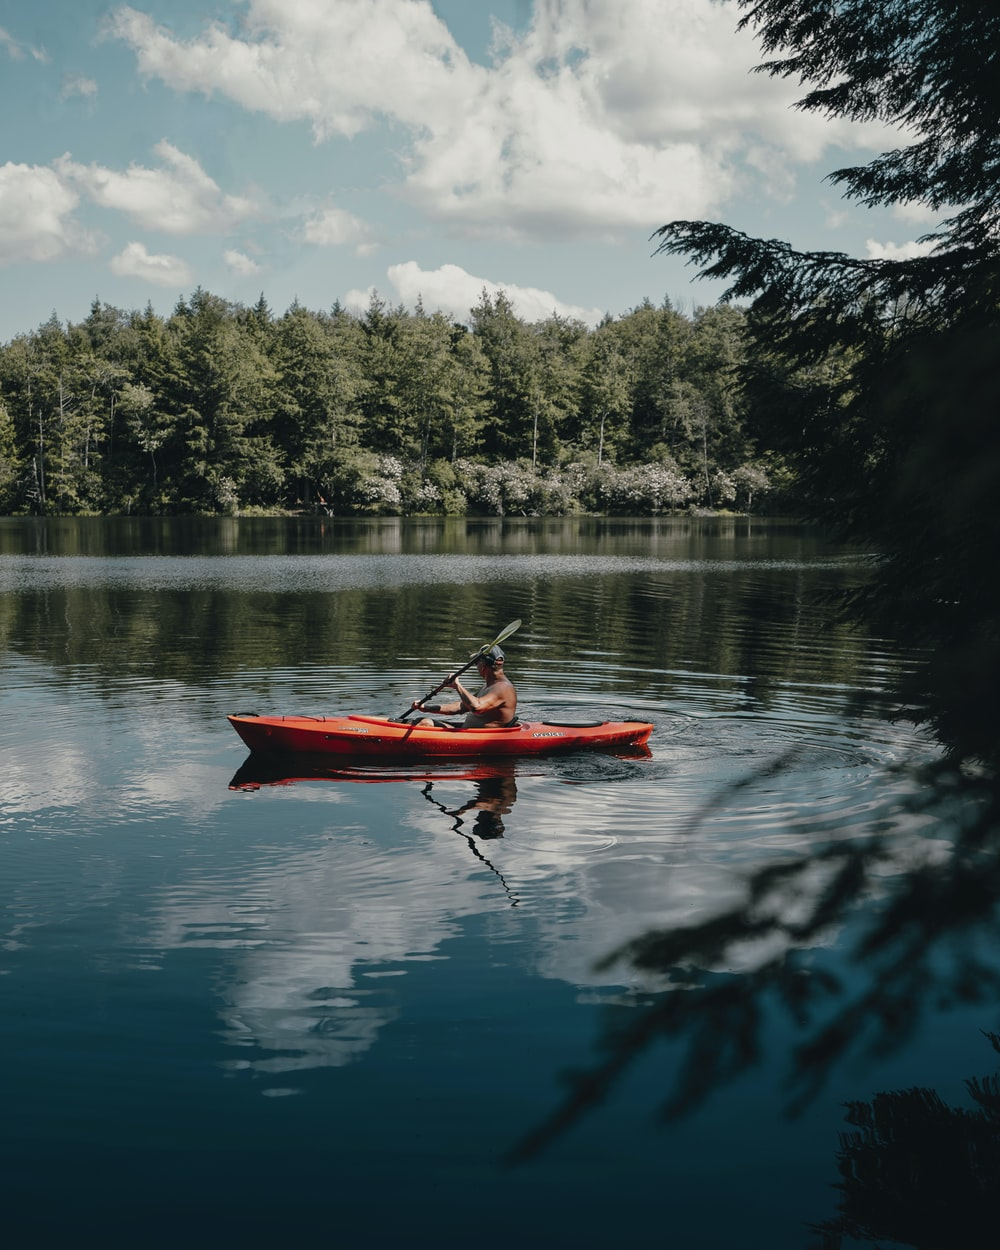 person riding red kayak on lake during daytime